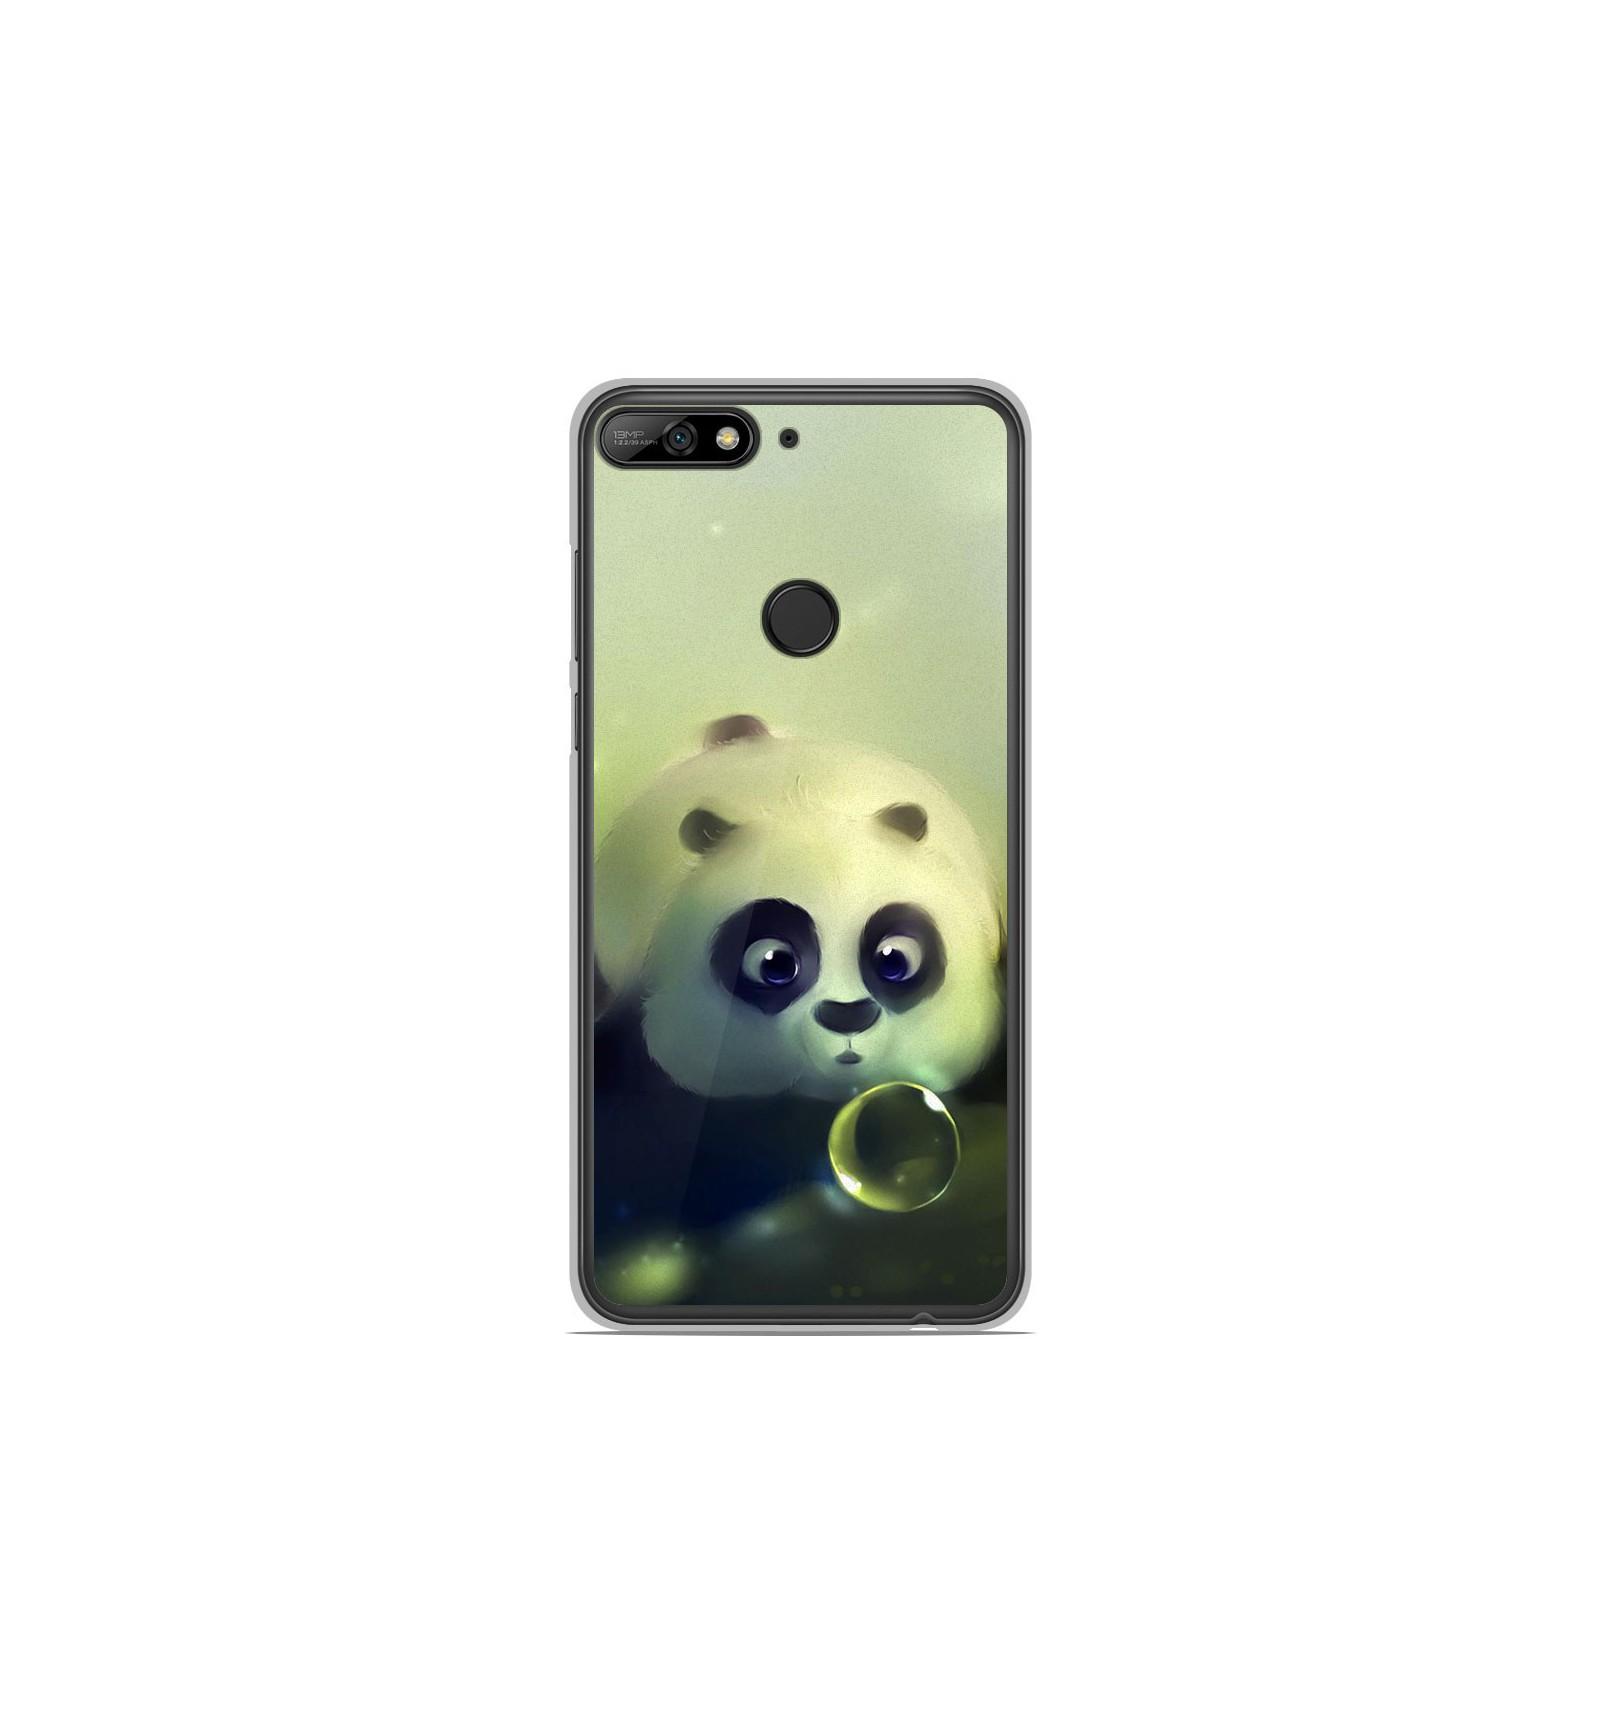 Coque en silicone Huawei Y7 2018 - Panda Bubble